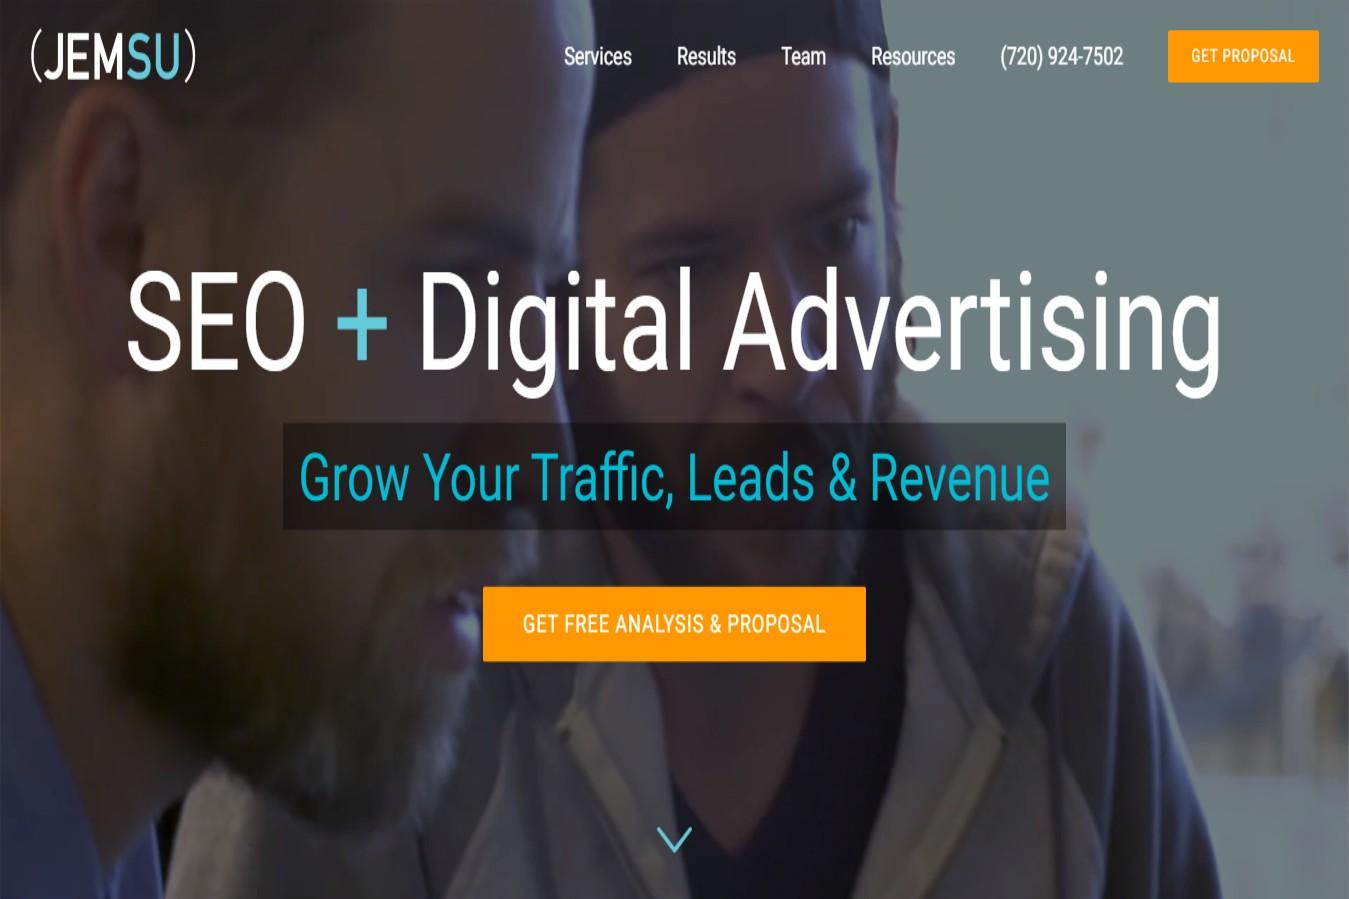 JEMSU Digital Marketer in Denver, CO